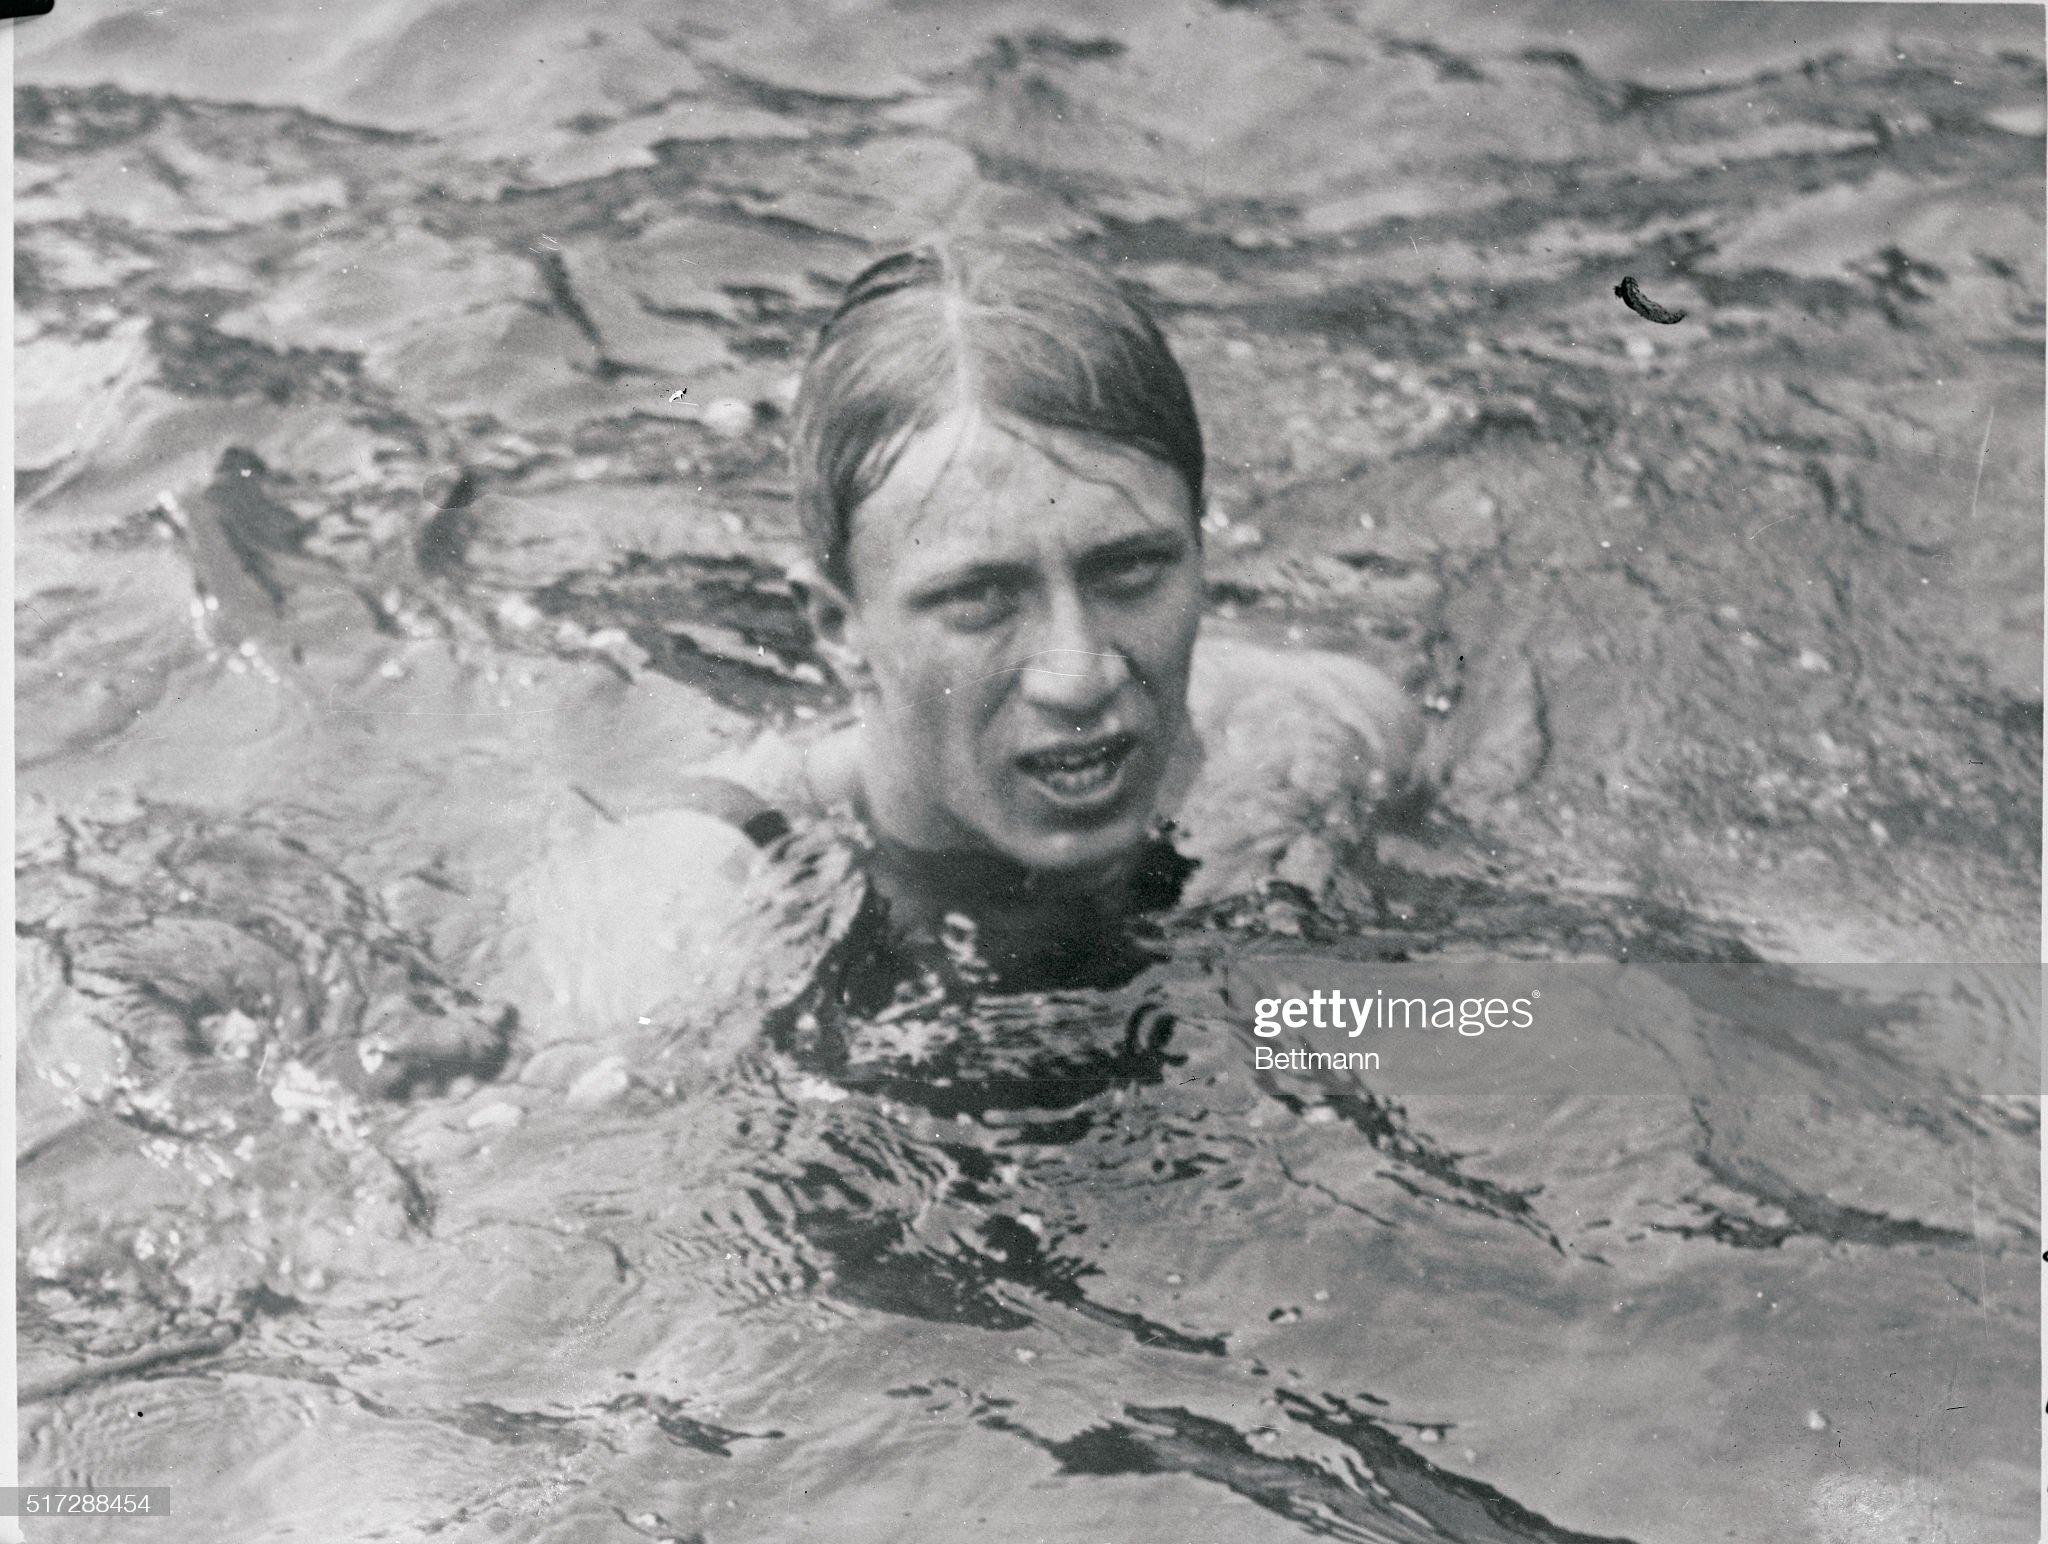 Swimmer Surfacing In Water : Fotografía de noticias